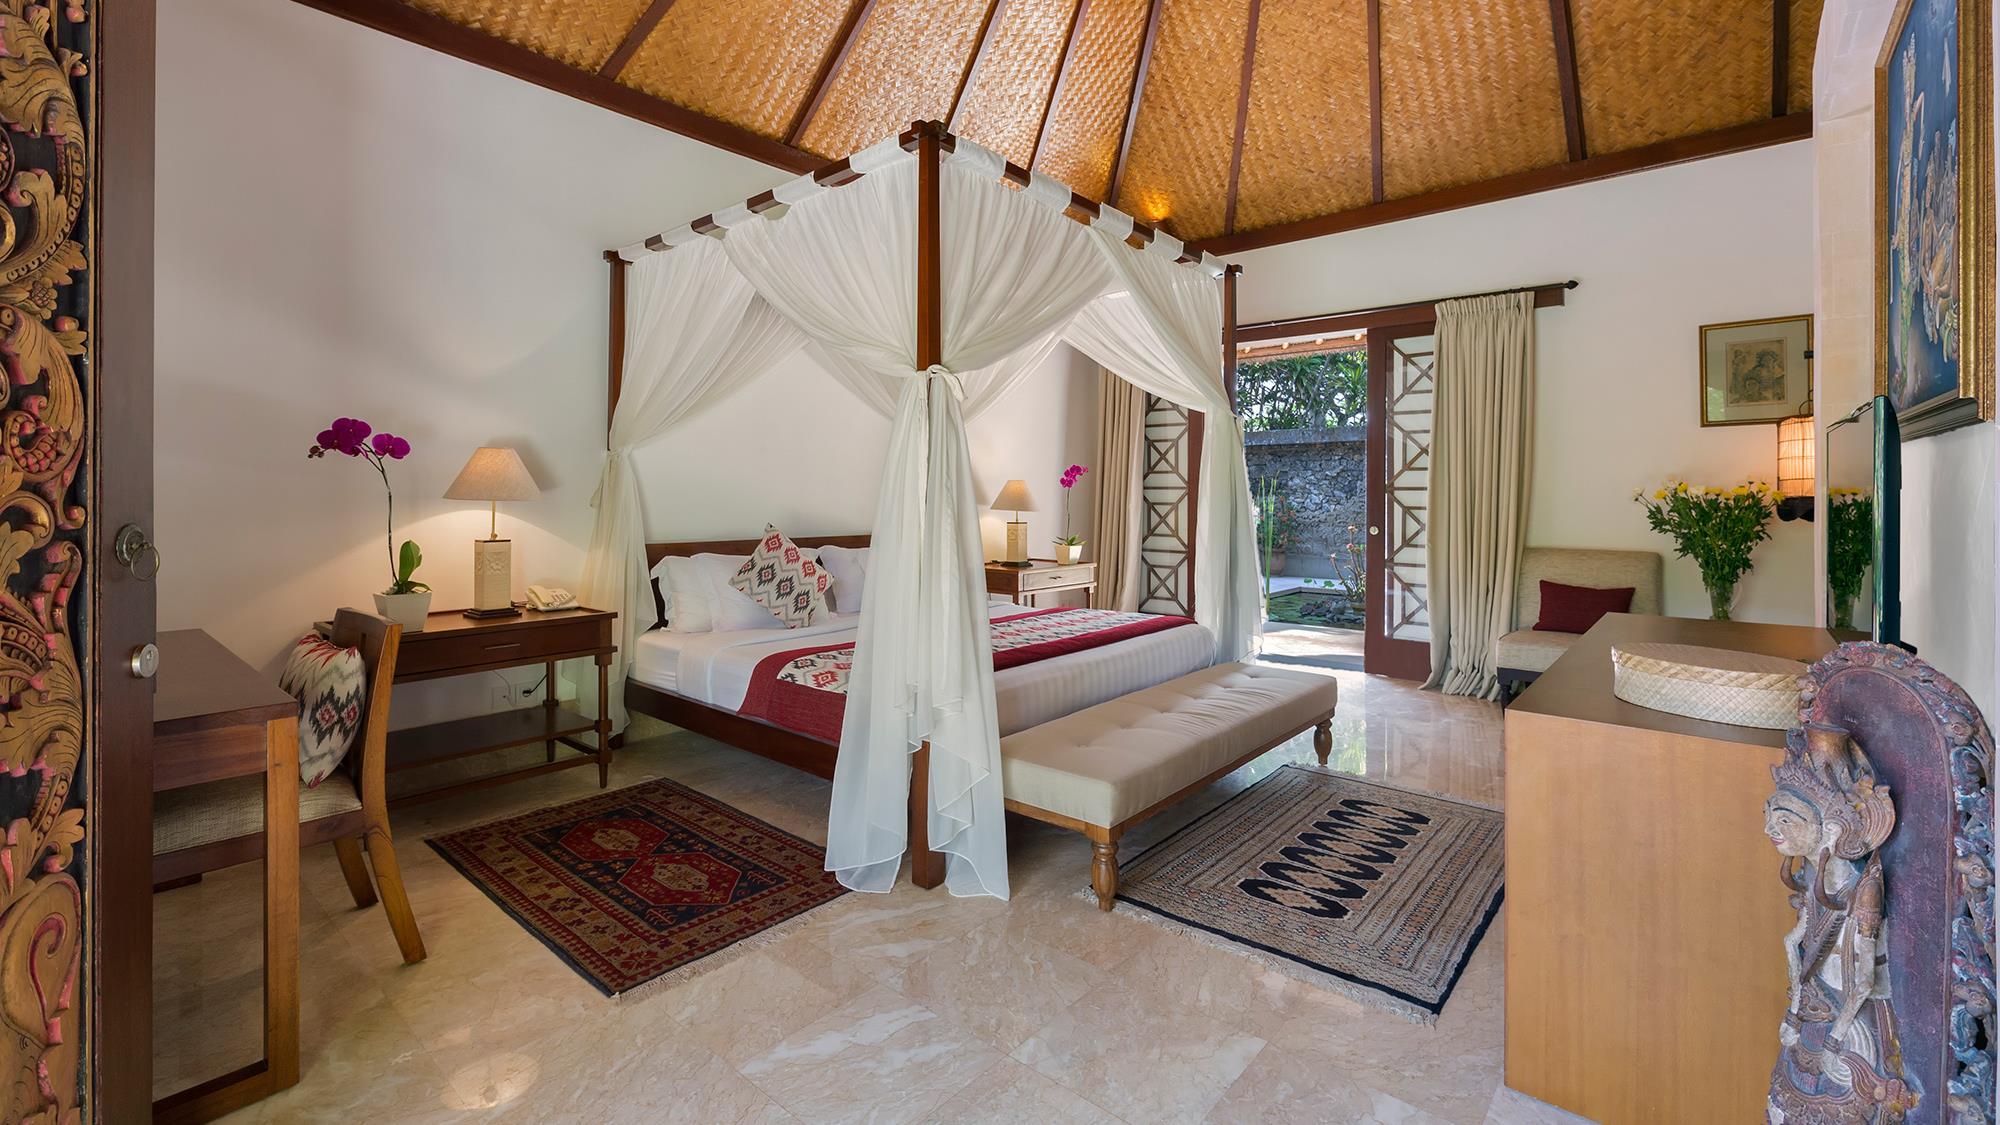 Bedroom with Four Poster Bed - Villa Batujimbar - Sanur, Bali